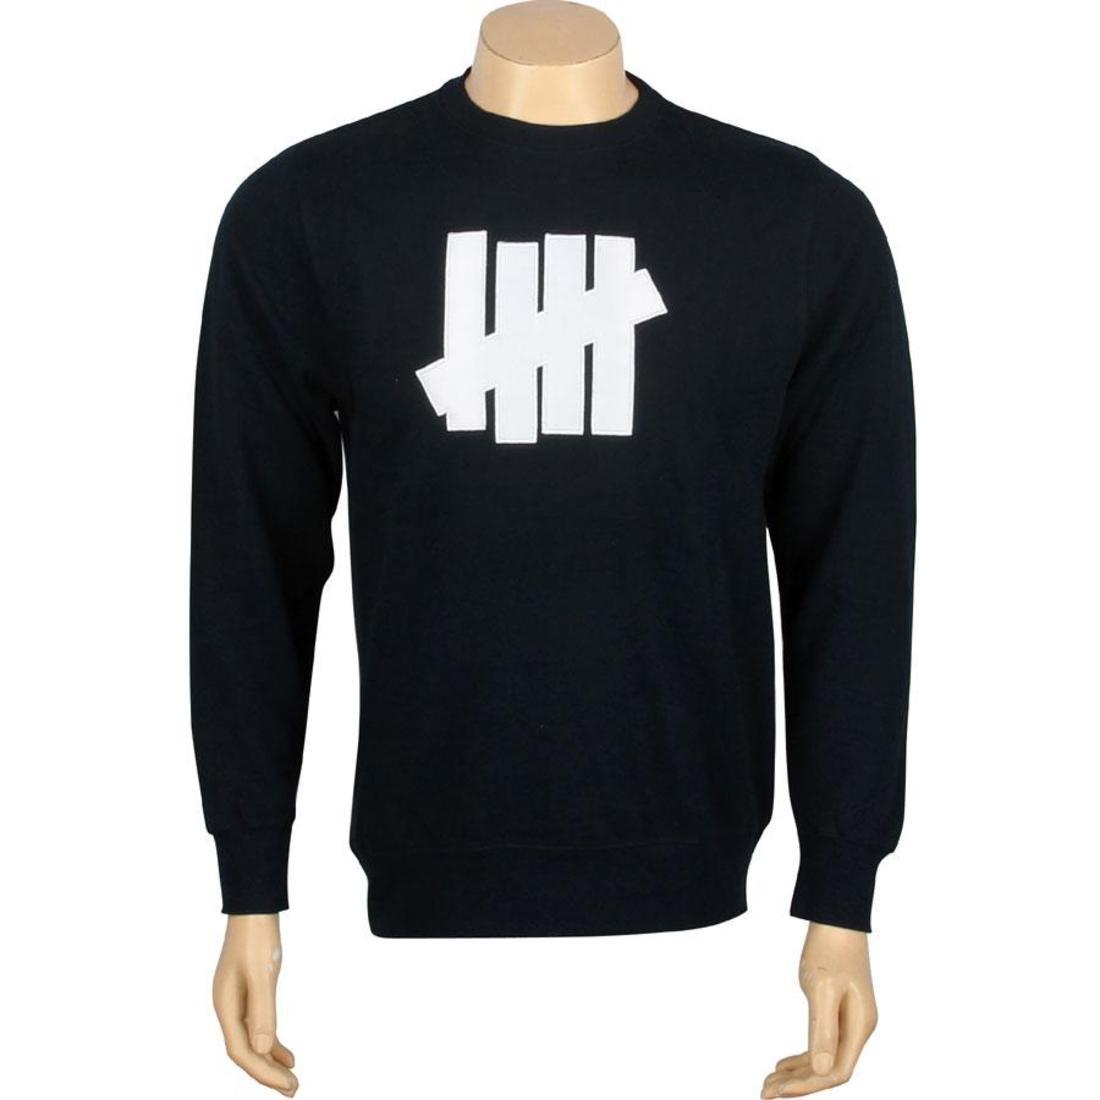 【海外限定】ストライク メンズファッション Tシャツ BASIC【 UNDEFEATED 5 NAVY STRIKE Tシャツ BASIC PULLOVER CREWNECK NAVY】, 肌かくしーと:017ead00 --- officewill.xsrv.jp